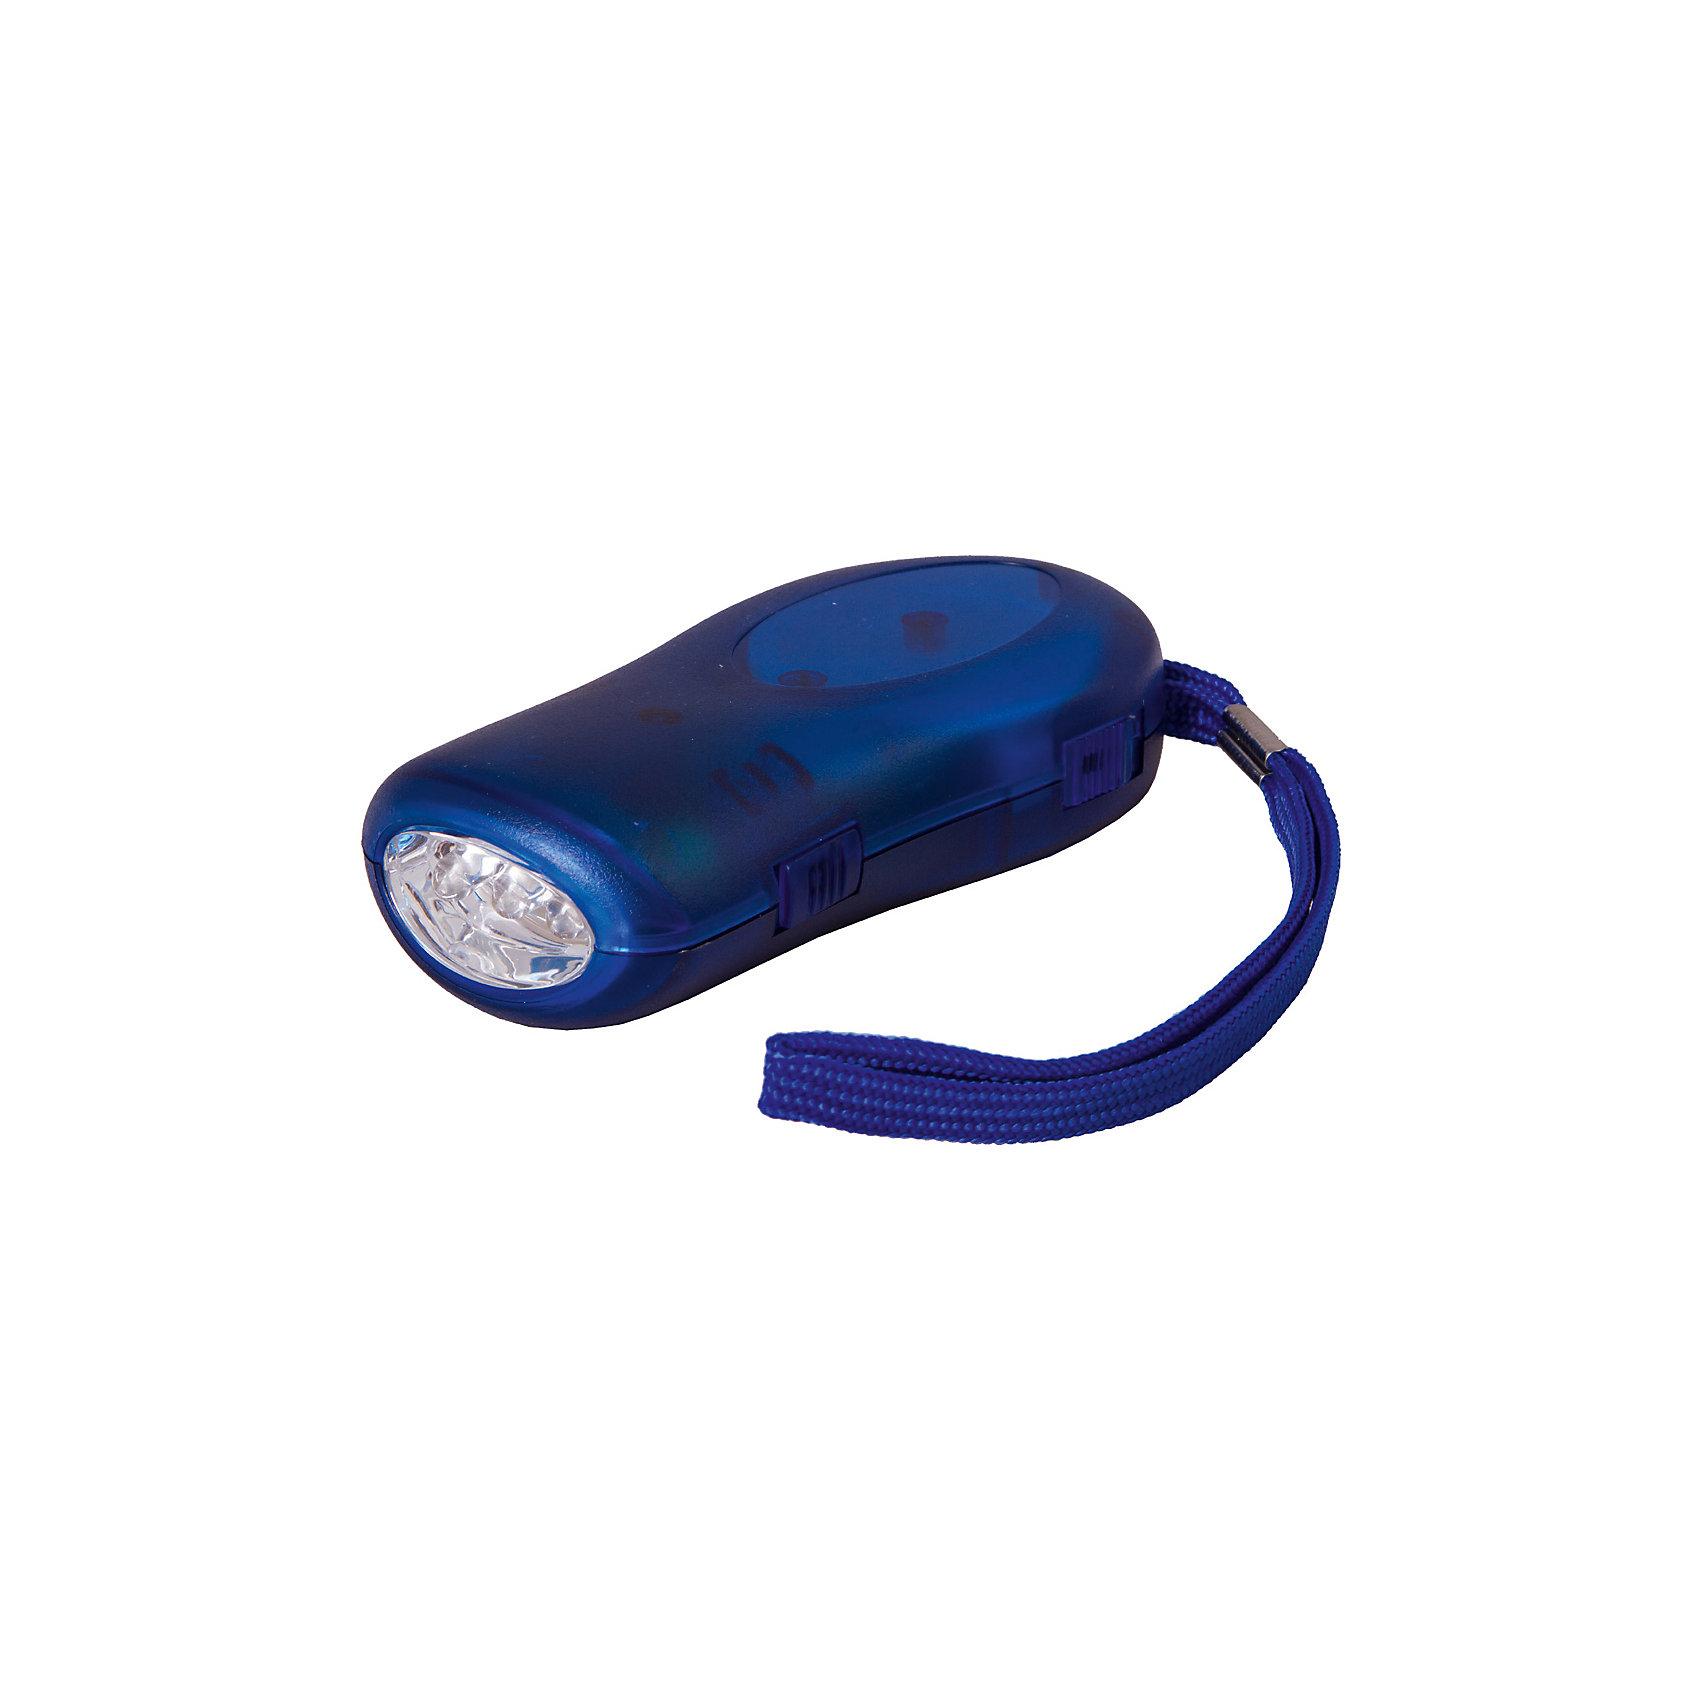 Динамо-фонарь Bresser JuniorХарактеристики товара:<br><br>• размер упаковки: 7?4?11 см<br>• светодиод не перегорит <br>• динамо-механизм<br>• заряда встроенных аккумуляторов хватает на 10 минут непрерывного свечения<br>• вес: 100 г<br>• материал: пластик<br>• страна бренда: Германия<br><br>Собственный фонарик - это отличный способ заинтересовать ребенка туризмом и привить ему интерес к путешествиям. Этот фонарь был разработан специально для детей - он позволяет всегда иметь при себе источник света. Благодаря стильному дизайну он впечатляюще смотрится!<br><br>Приборы от немецкой компании Bresser уже успели зарекомендовать себя как качественная и надежная продукция. Для их производства используются только безопасные и проверенные материалы. Такой прибор способен прослужить долго. Подарите ребенку интересную и полезную вещь!<br><br>Динамо-фонарь Bresser Junior от известного бренда Bresser (Брессер) можно купить в нашем интернет-магазине.<br><br>Ширина мм: 75<br>Глубина мм: 40<br>Высота мм: 110<br>Вес г: 136<br>Возраст от месяцев: 60<br>Возраст до месяцев: 2147483647<br>Пол: Унисекс<br>Возраст: Детский<br>SKU: 5435311